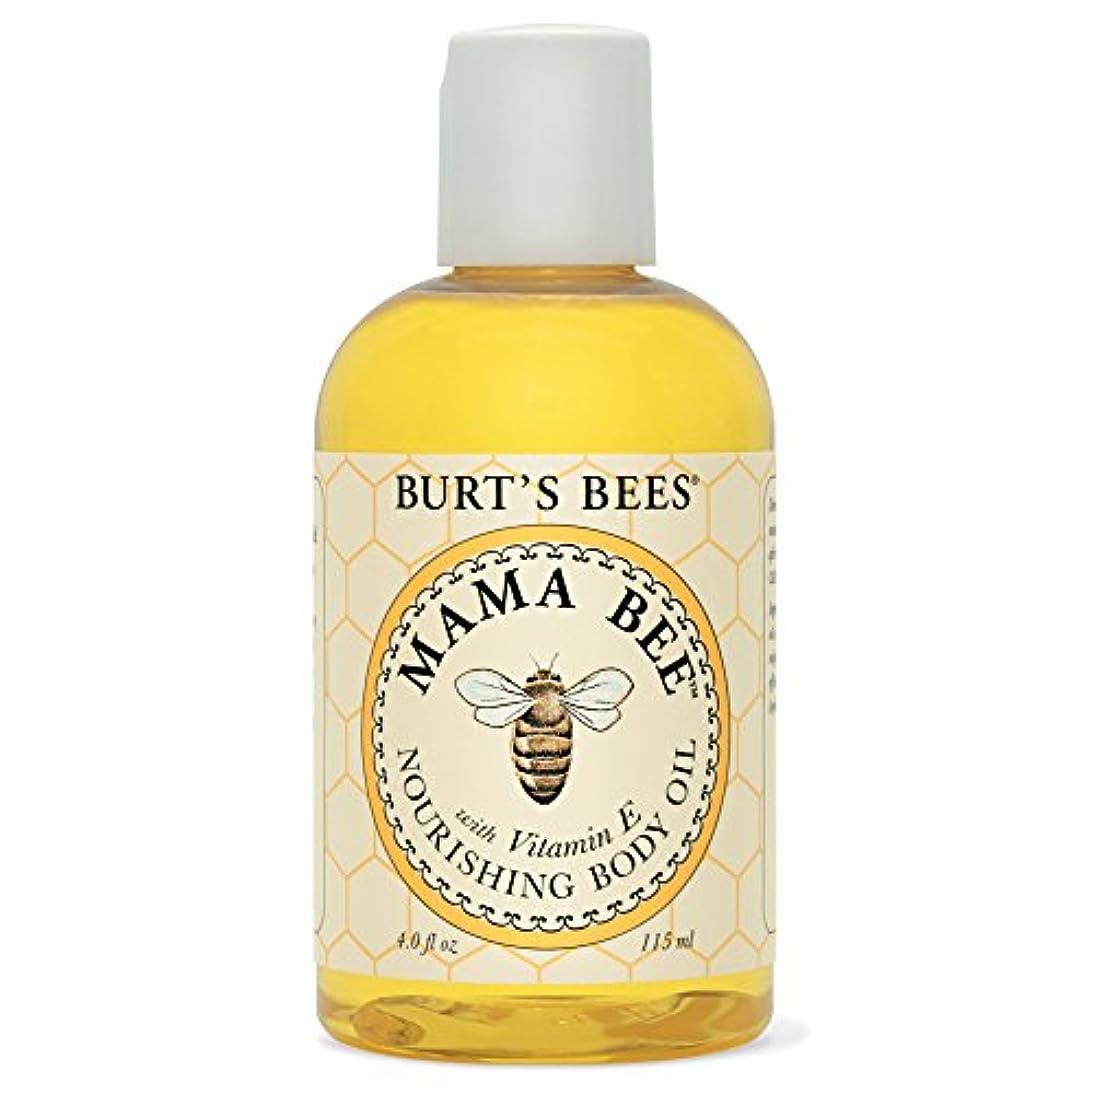 明るくするカリング気取らないバーツビーママ蜂栄養ボディオイル115ミリリットル (Burt's Bees) (x2) - Burt's Bees Mama Bee Nourishing Body Oil 115ml (Pack of 2) [並行輸入品]